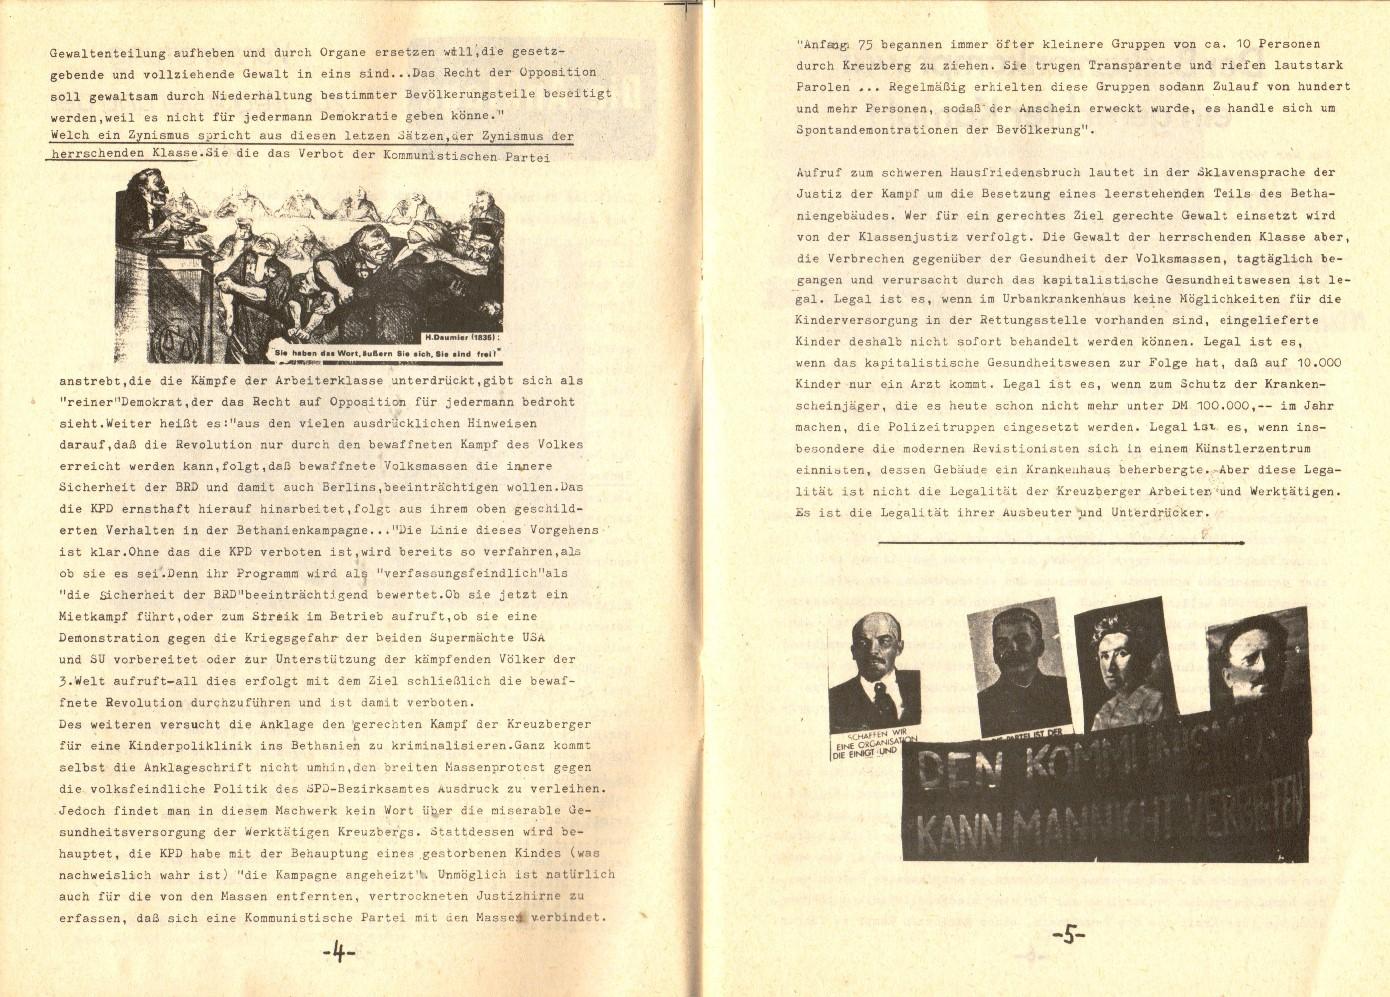 Berlin_KPD_1976_Staatsschutzprozess_04